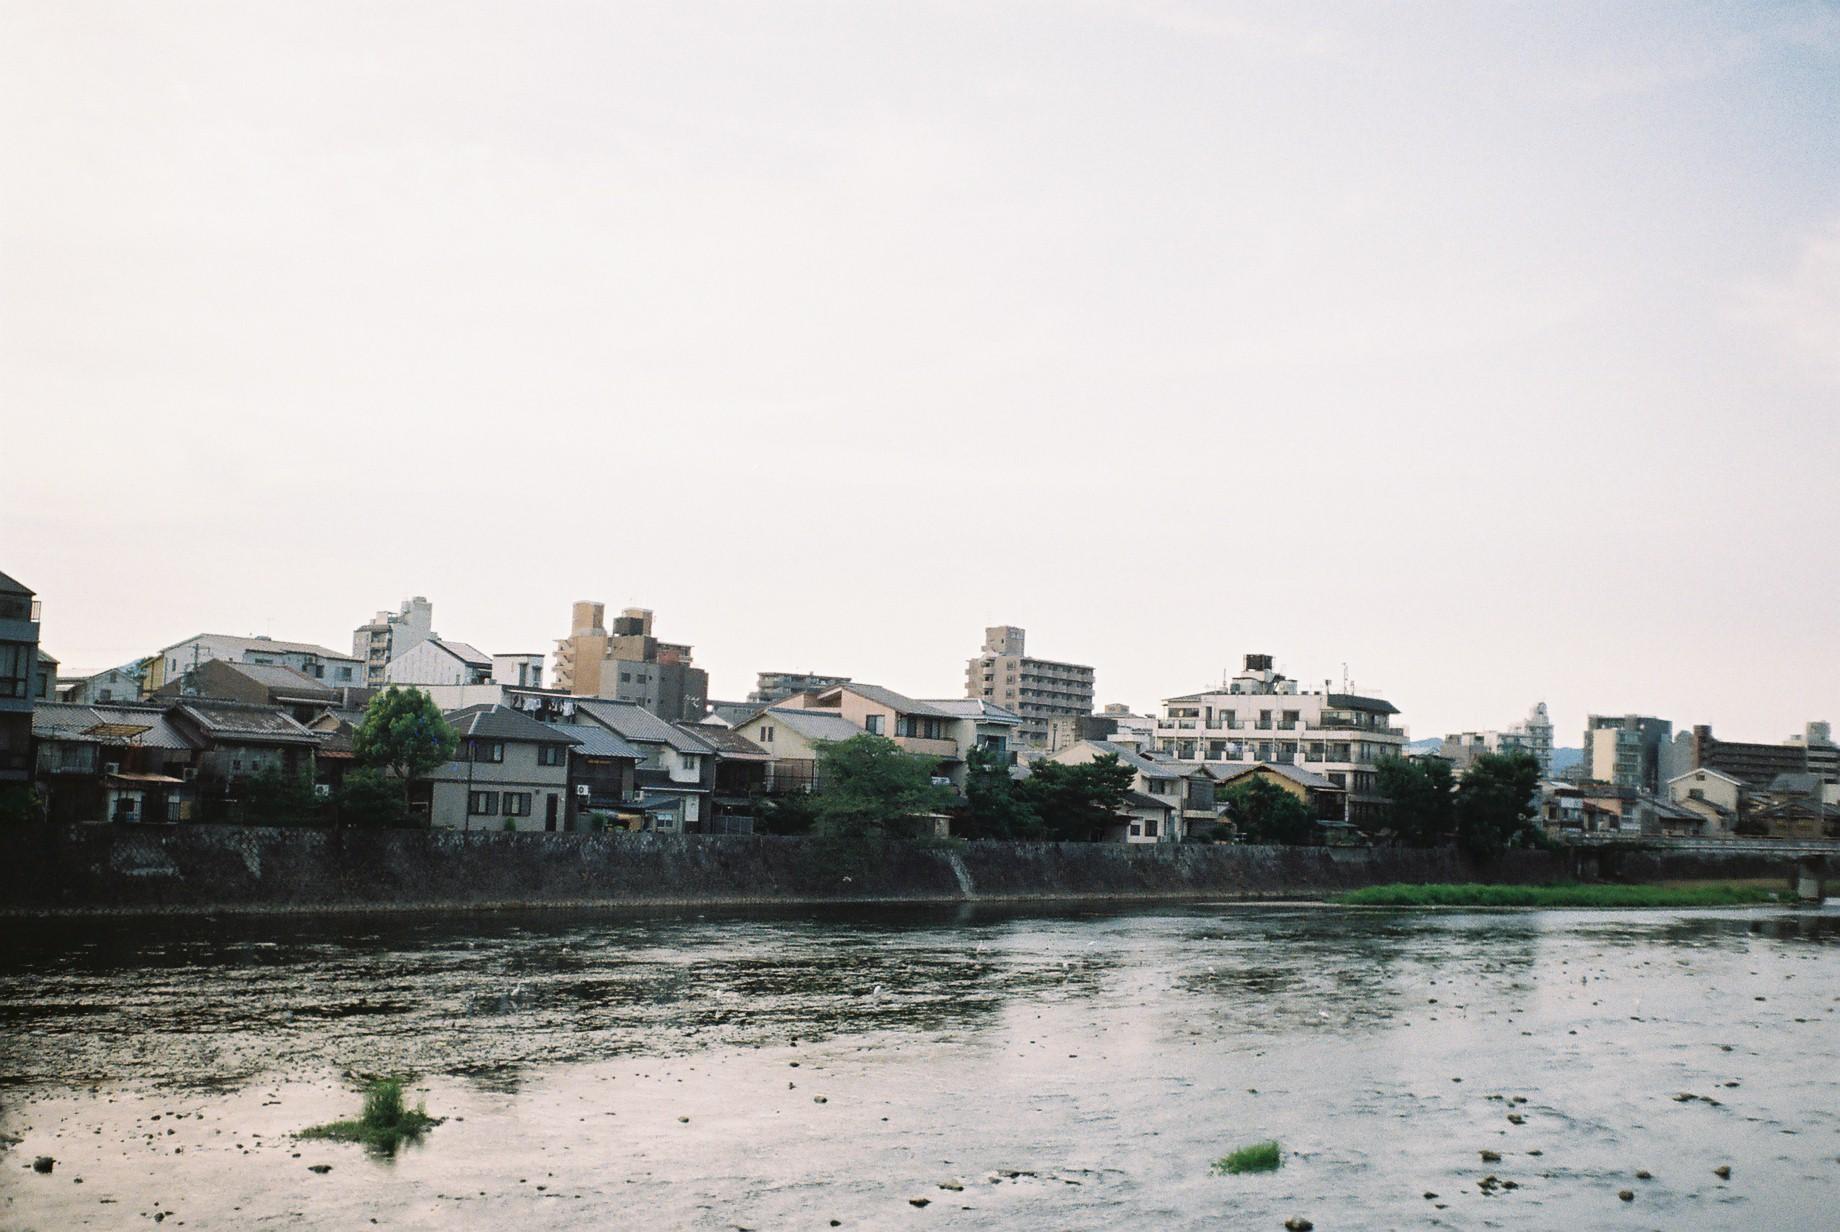 La  rivière Kamo - 鴨川 -The  Kamo River